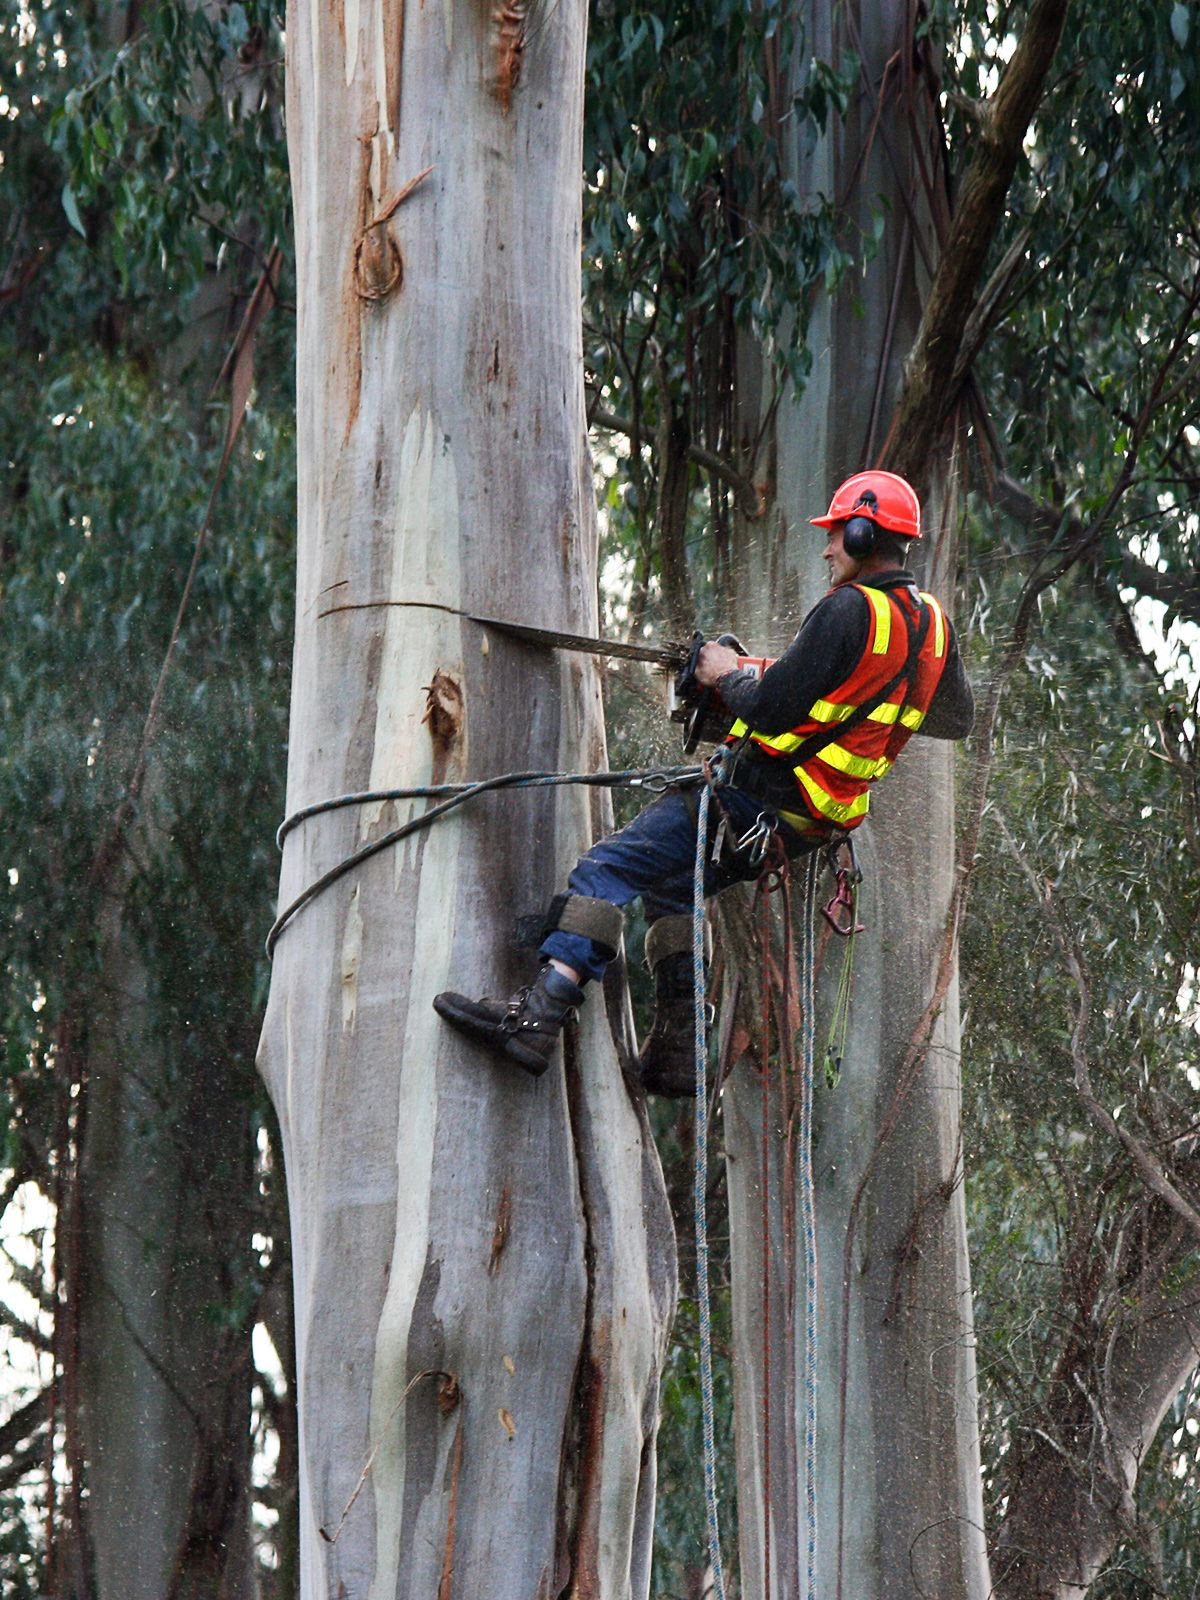 Arboriculture Wikipedia Arborist